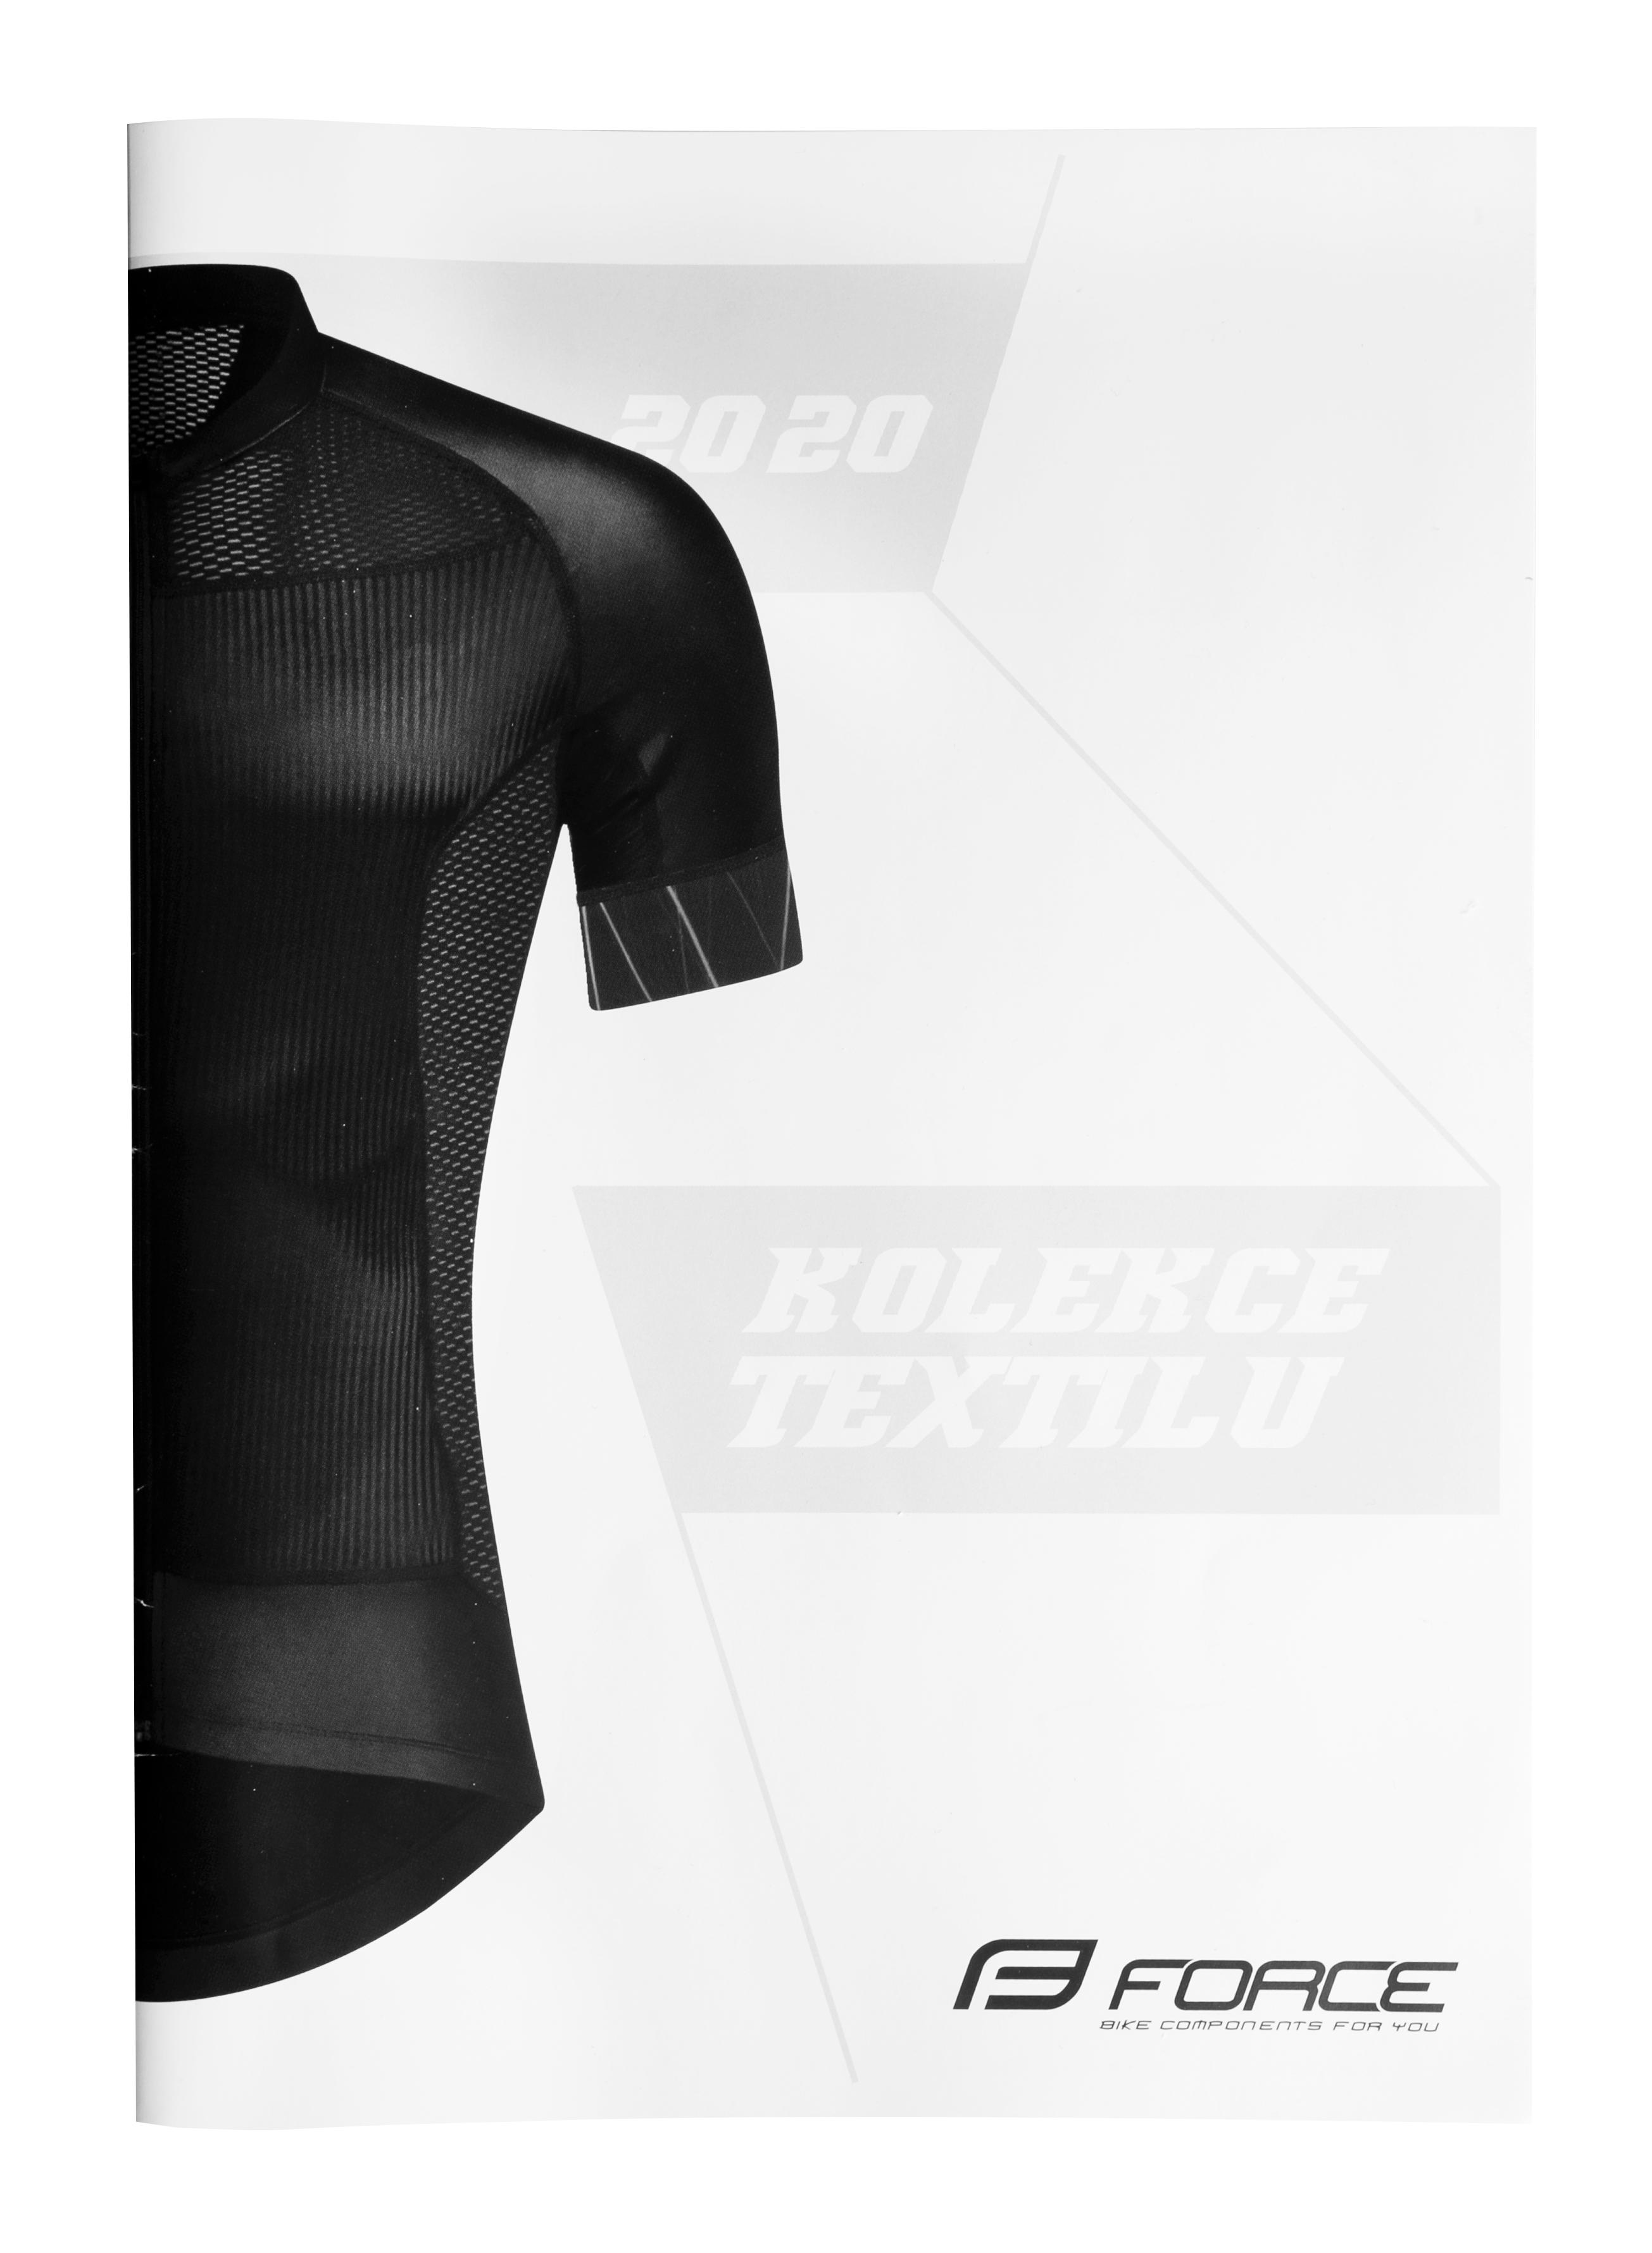 katalog velká A4 FORCE textil 2020  CZ, VOC verze